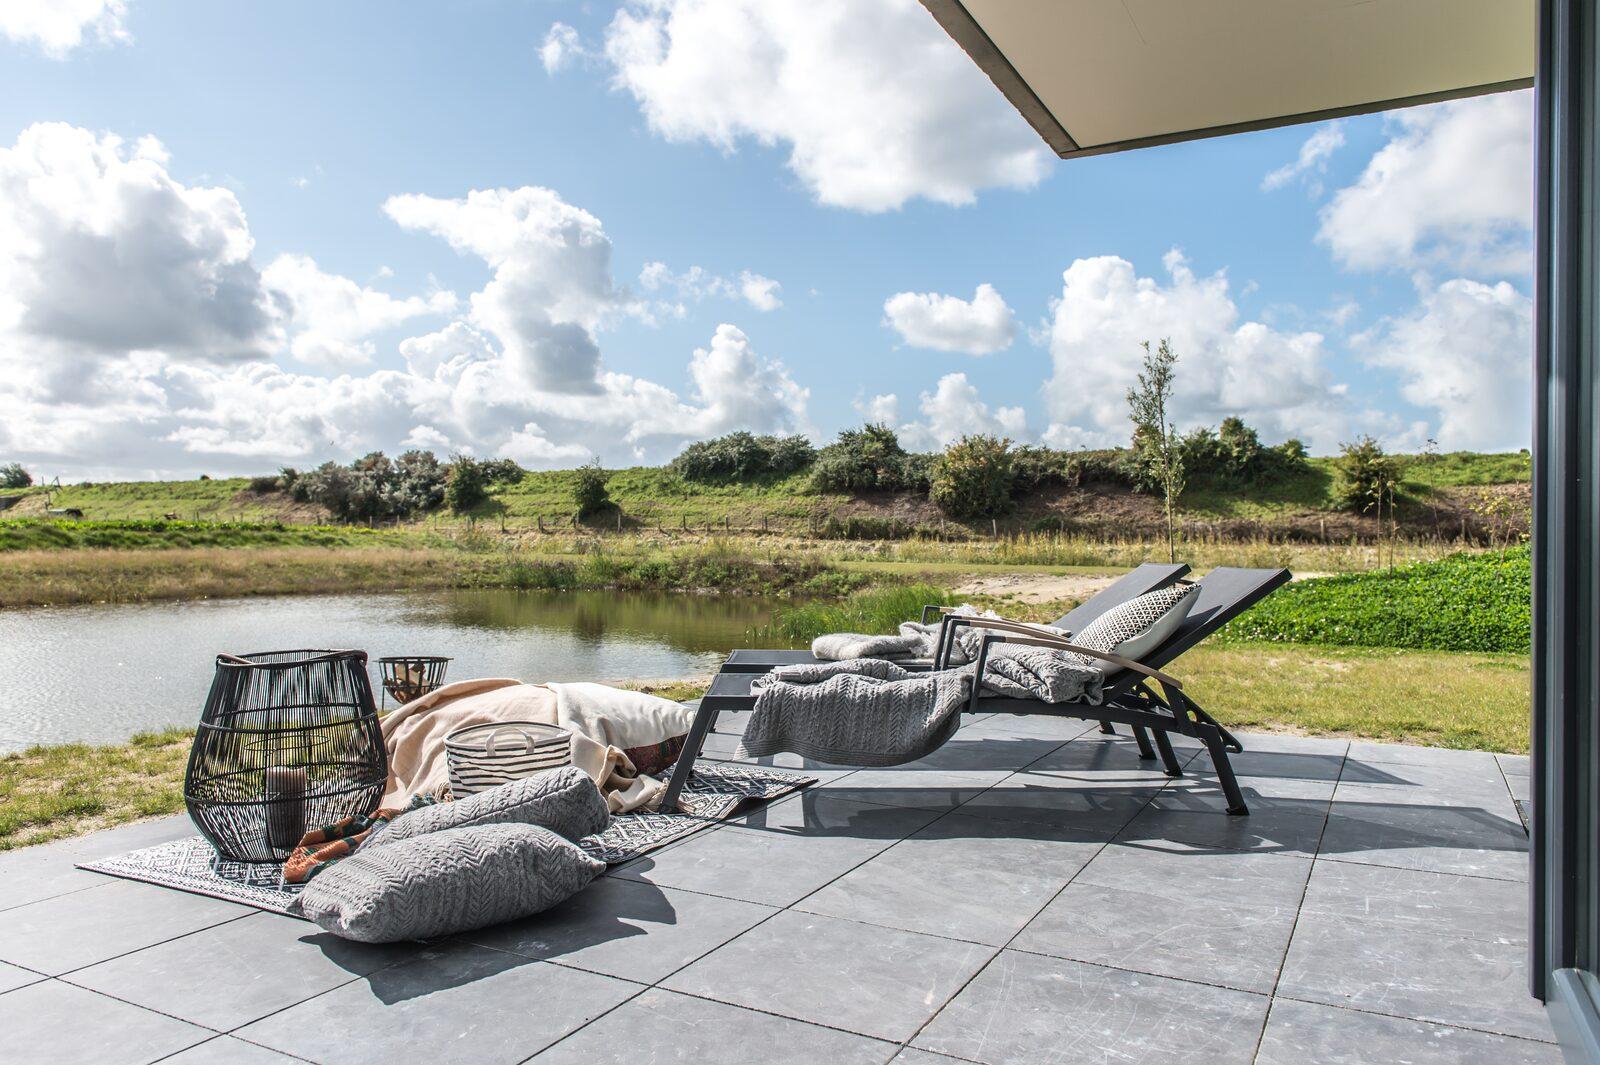 Luxus-Ferienhaus am Meer waterlijn 42 6 personen